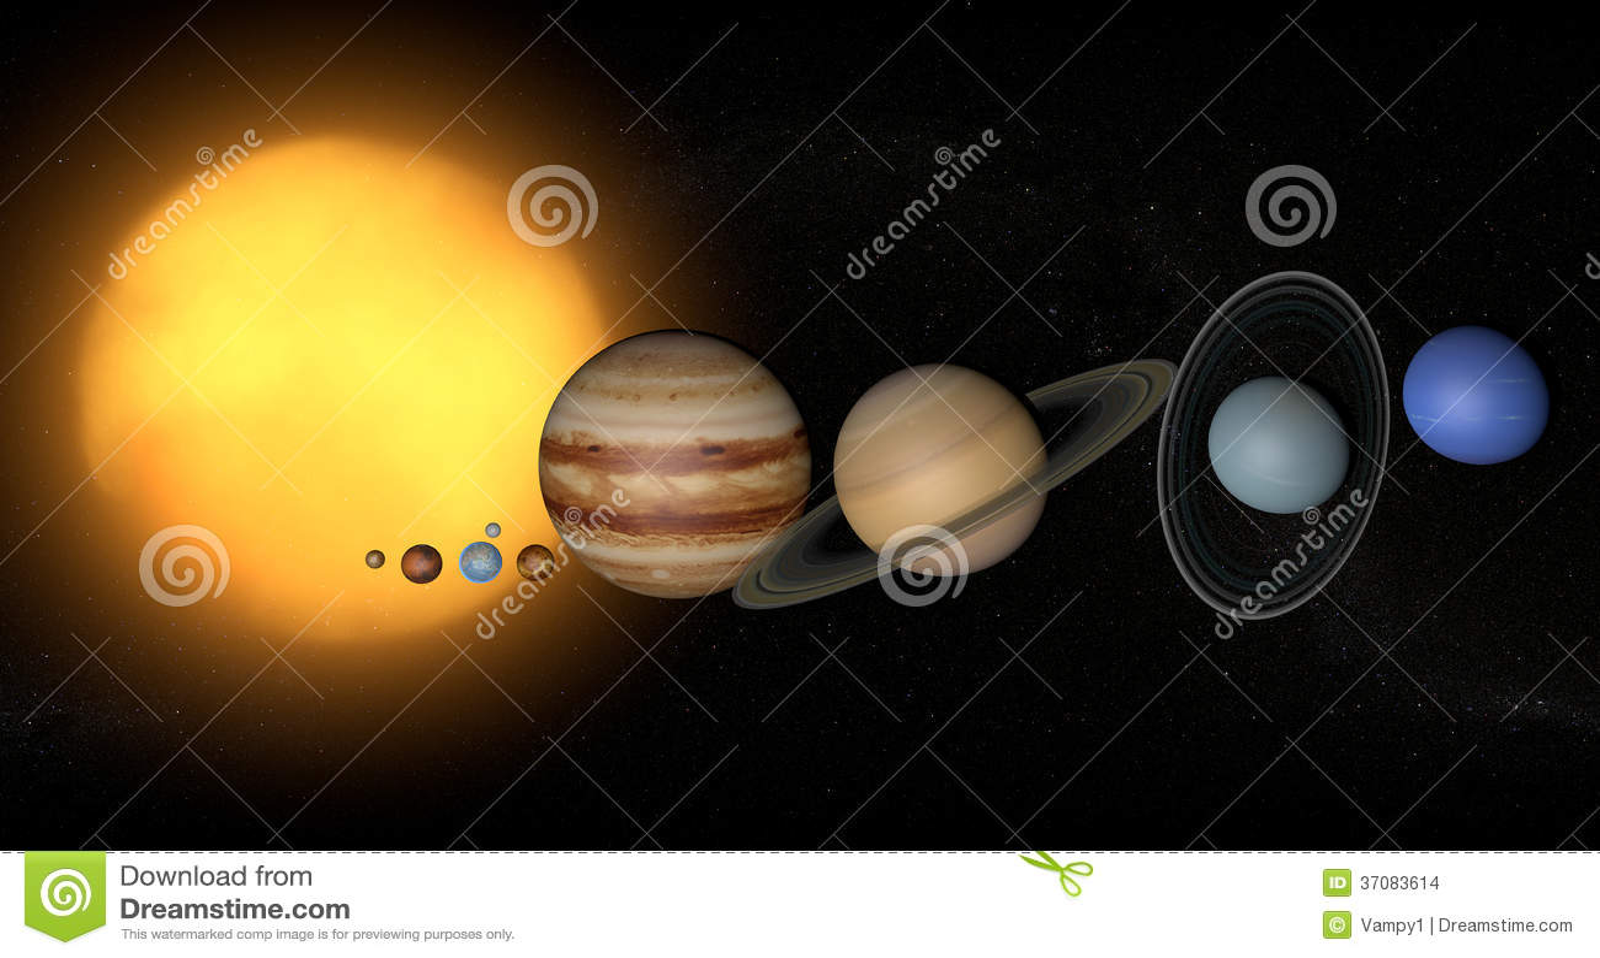 Ilustração Gratis Espaço Todos Os Universo Cosmos: Sol Do Universo Do Espaço Dos Planetas Do Sistema Solar